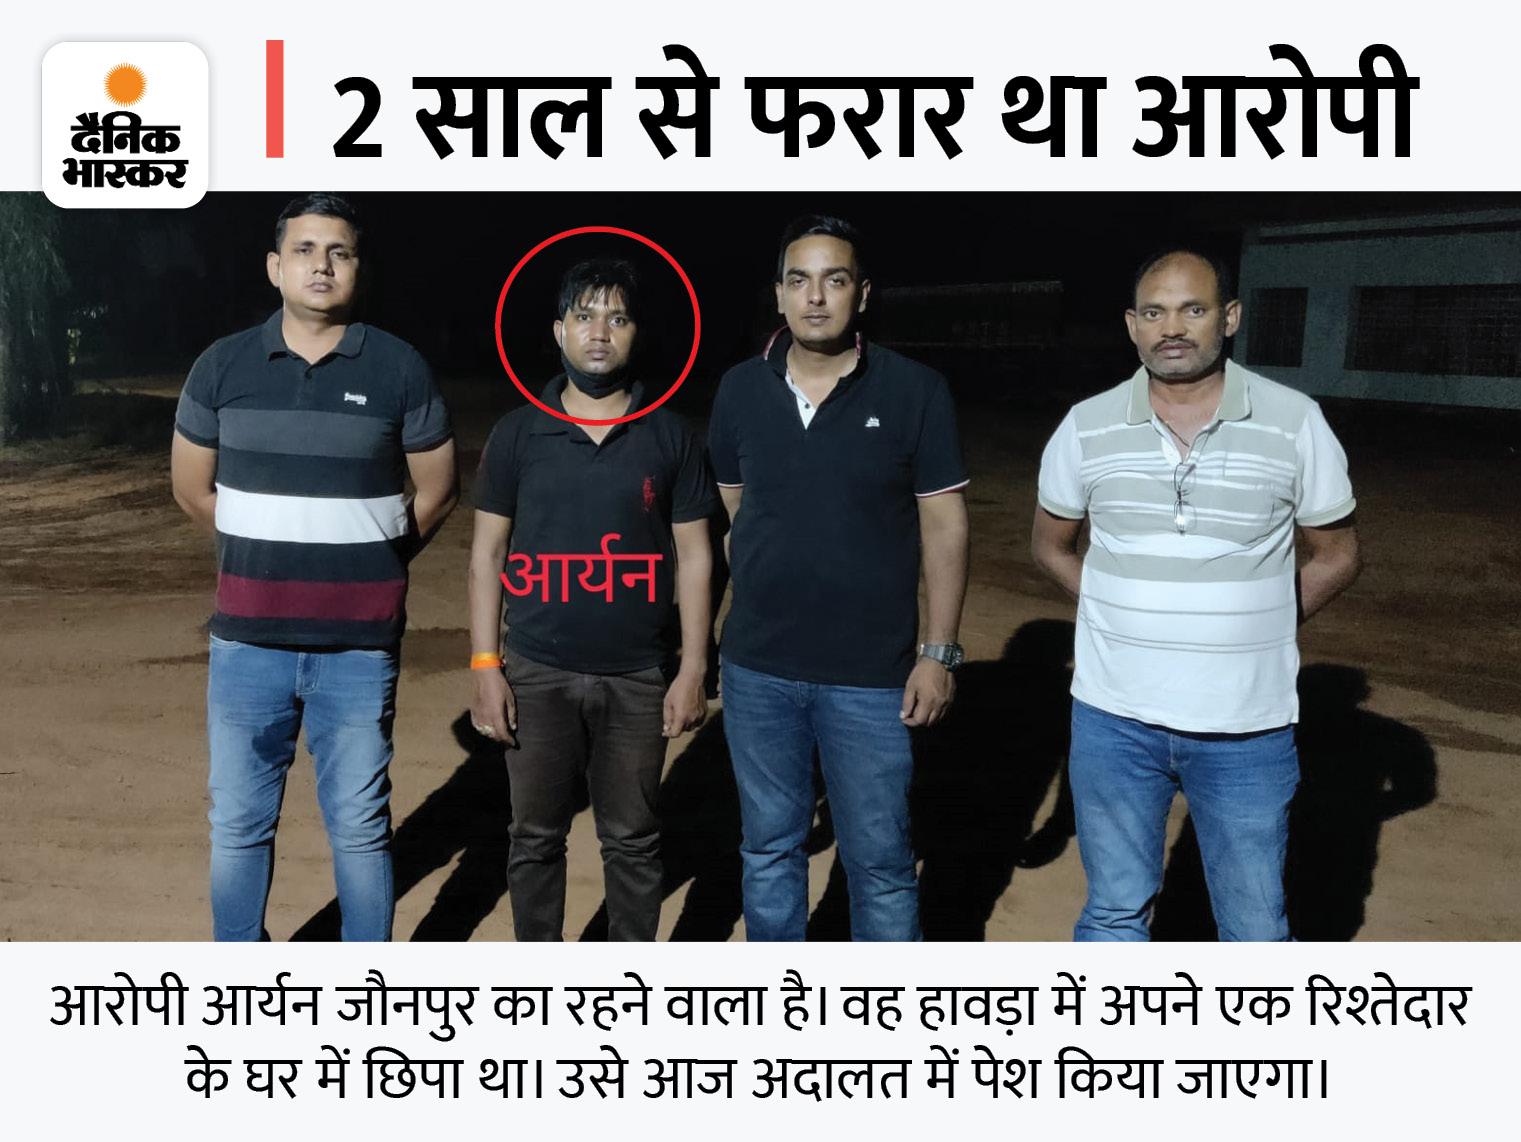 51वां आरोपी बंगाल से गिरफ्तार, बहनोई के घर छिपा था; आज वाराणसी की अदालत में होगी पेशी|वाराणसी,Varanasi - Dainik Bhaskar